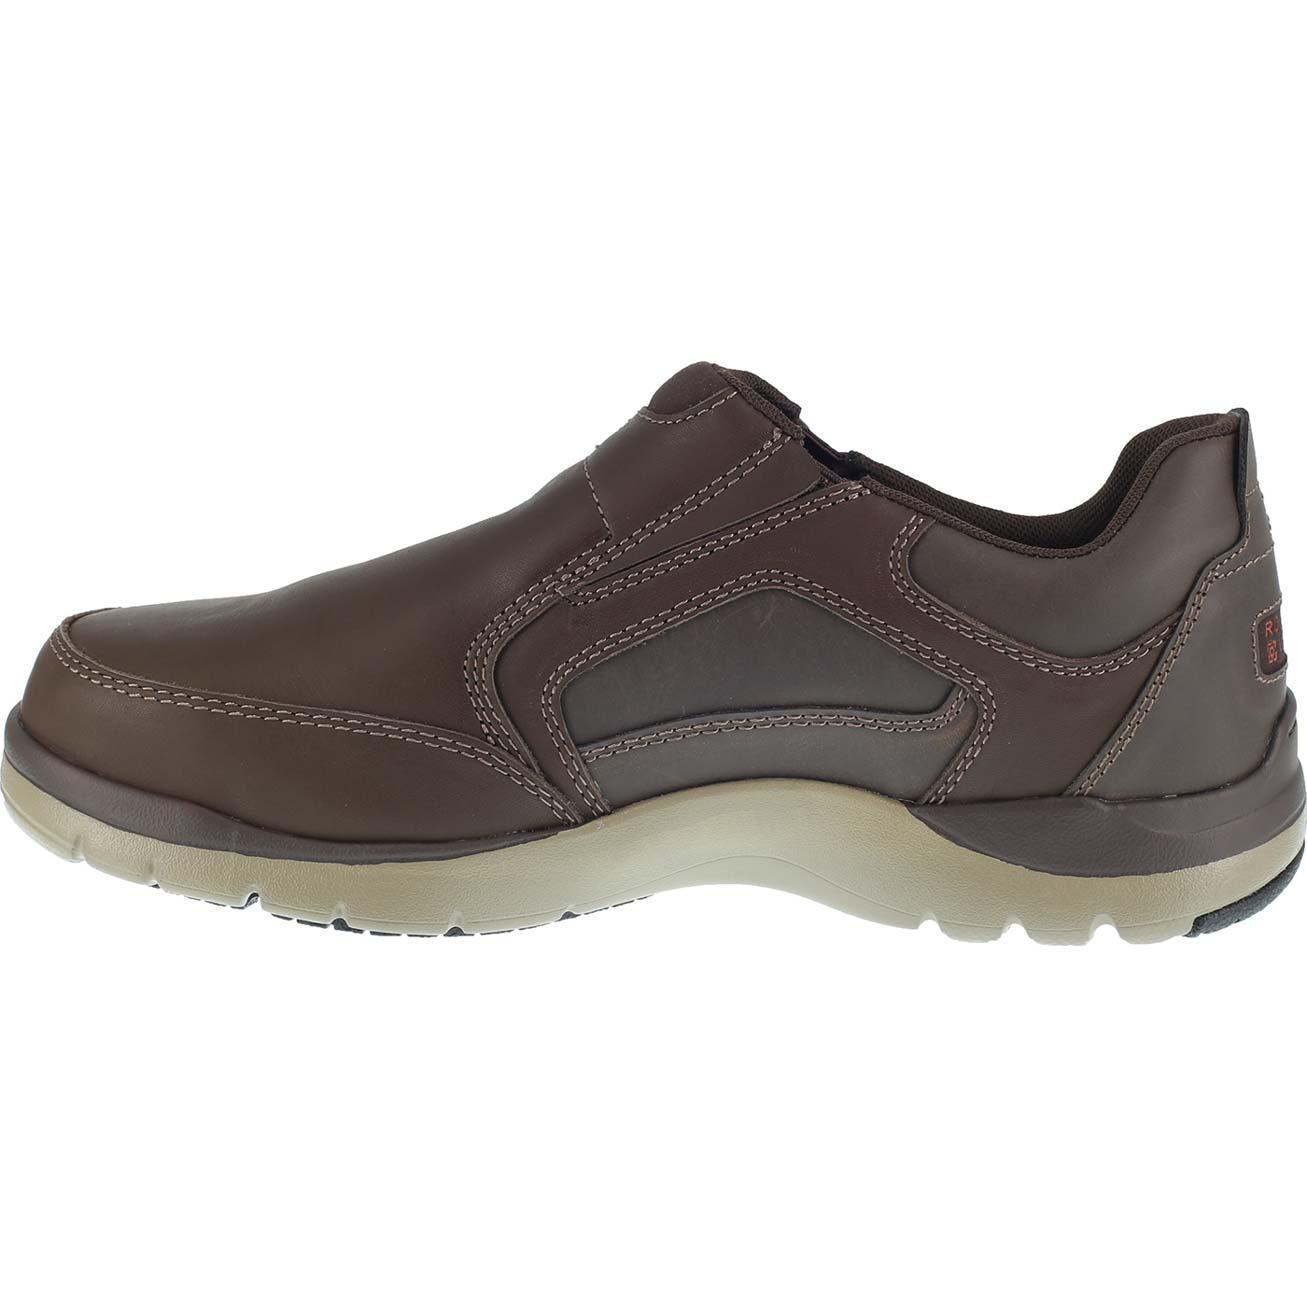 Rockport Slip Resistant Shoes